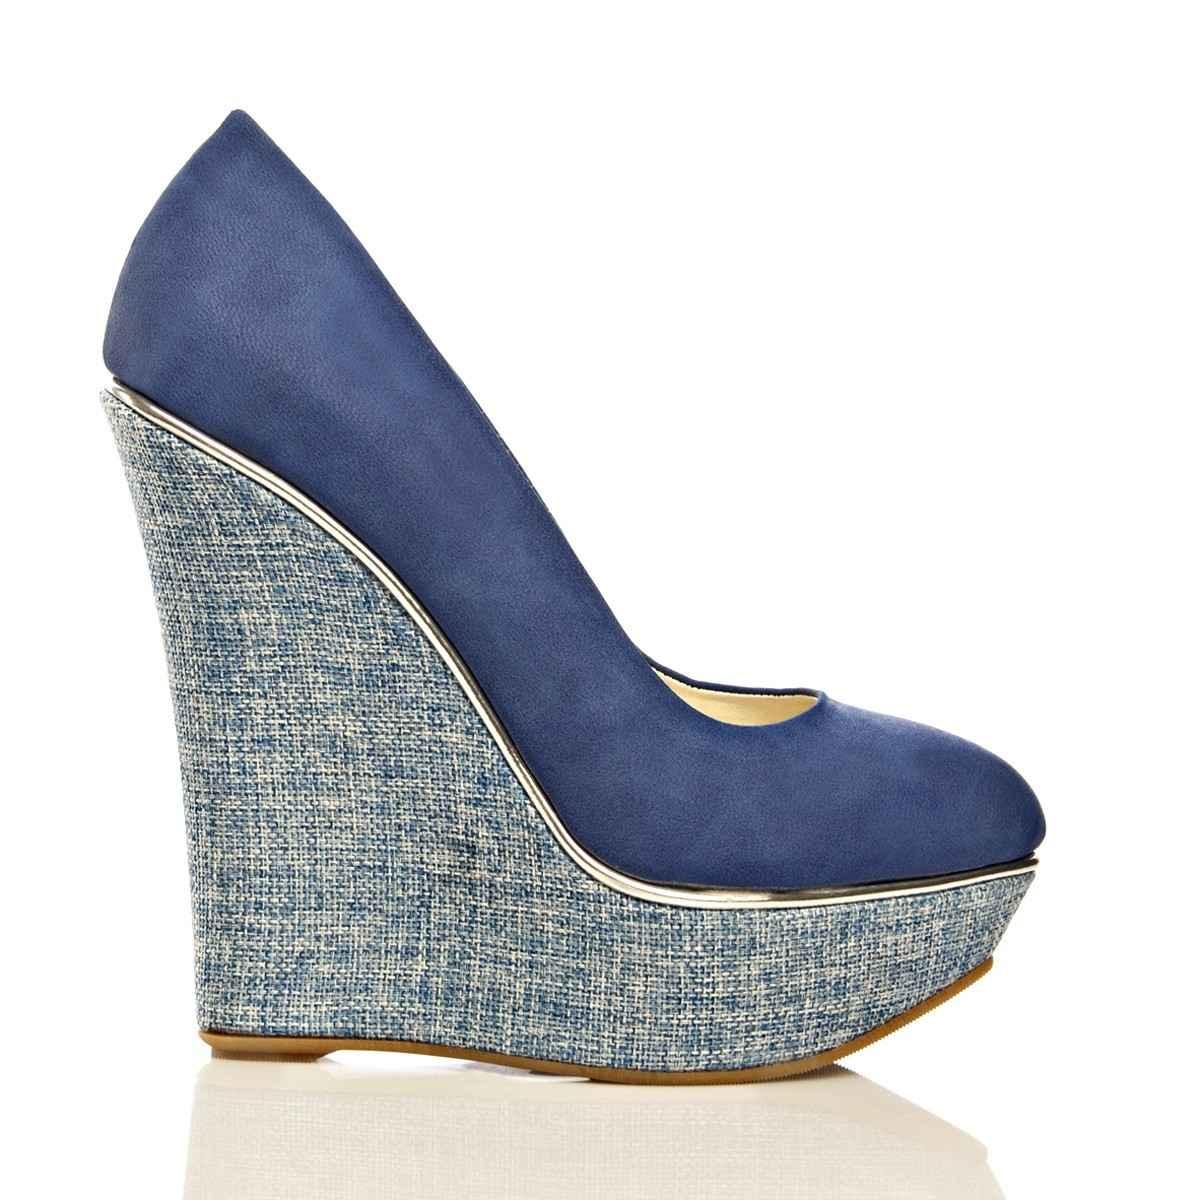 en şık dolgu topuklu ayakkabı modelleri